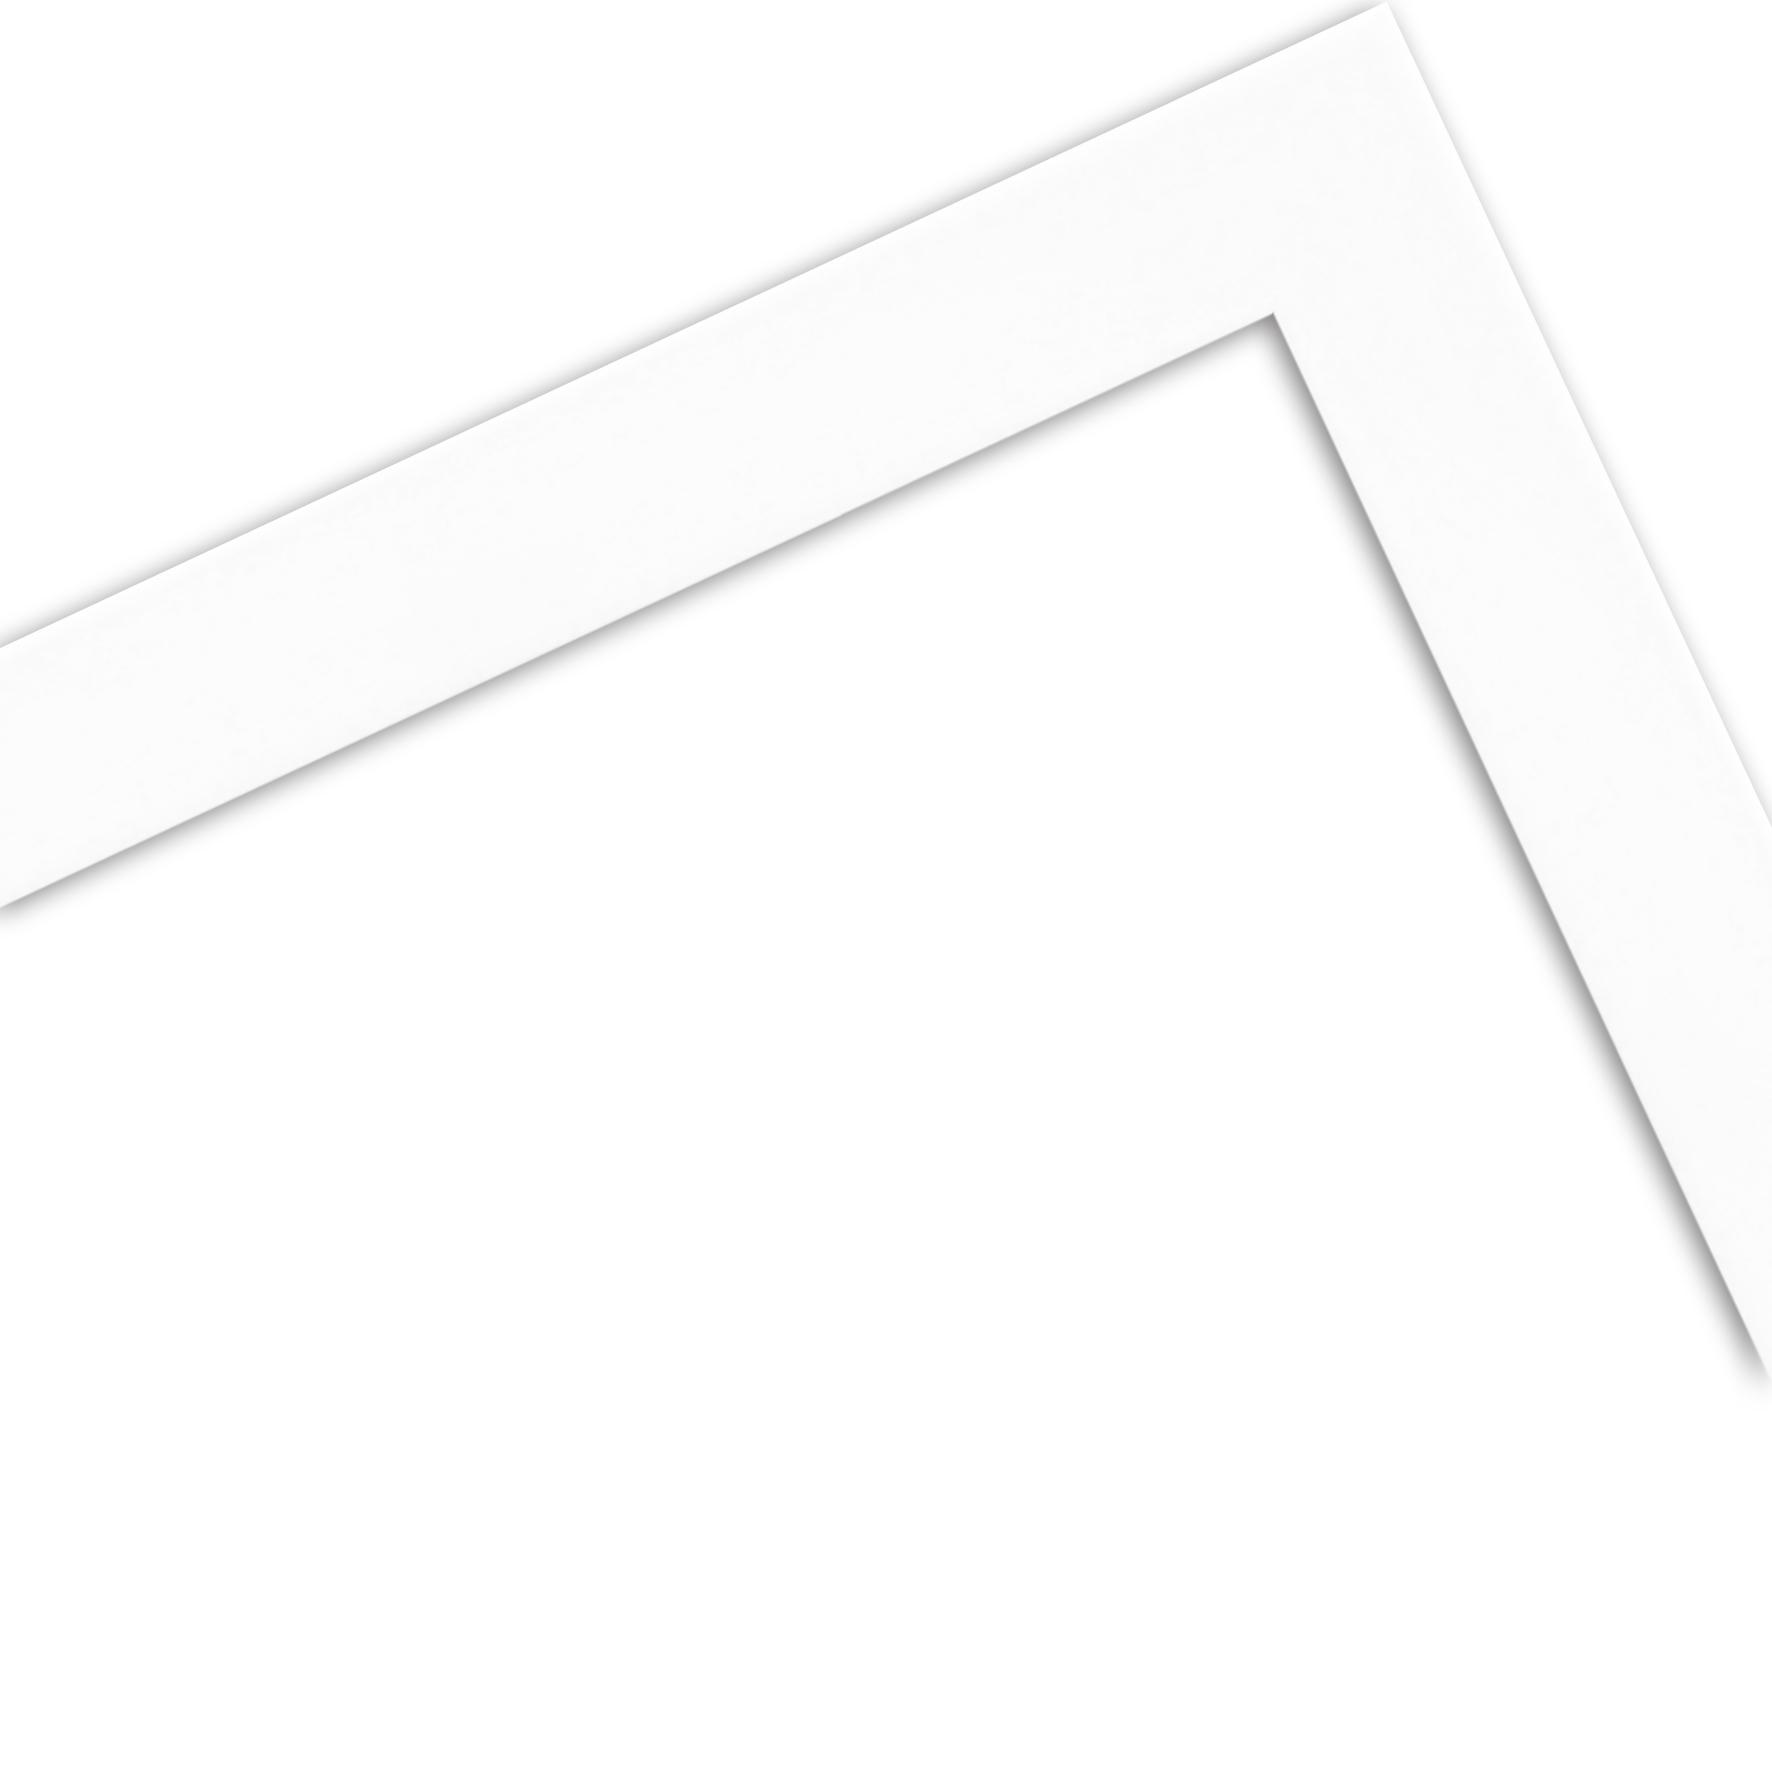 H960 Bilderrahmen Maßanfertigung, klassisch, modern, Massivholz  Bilderrahmen aus Holz ...